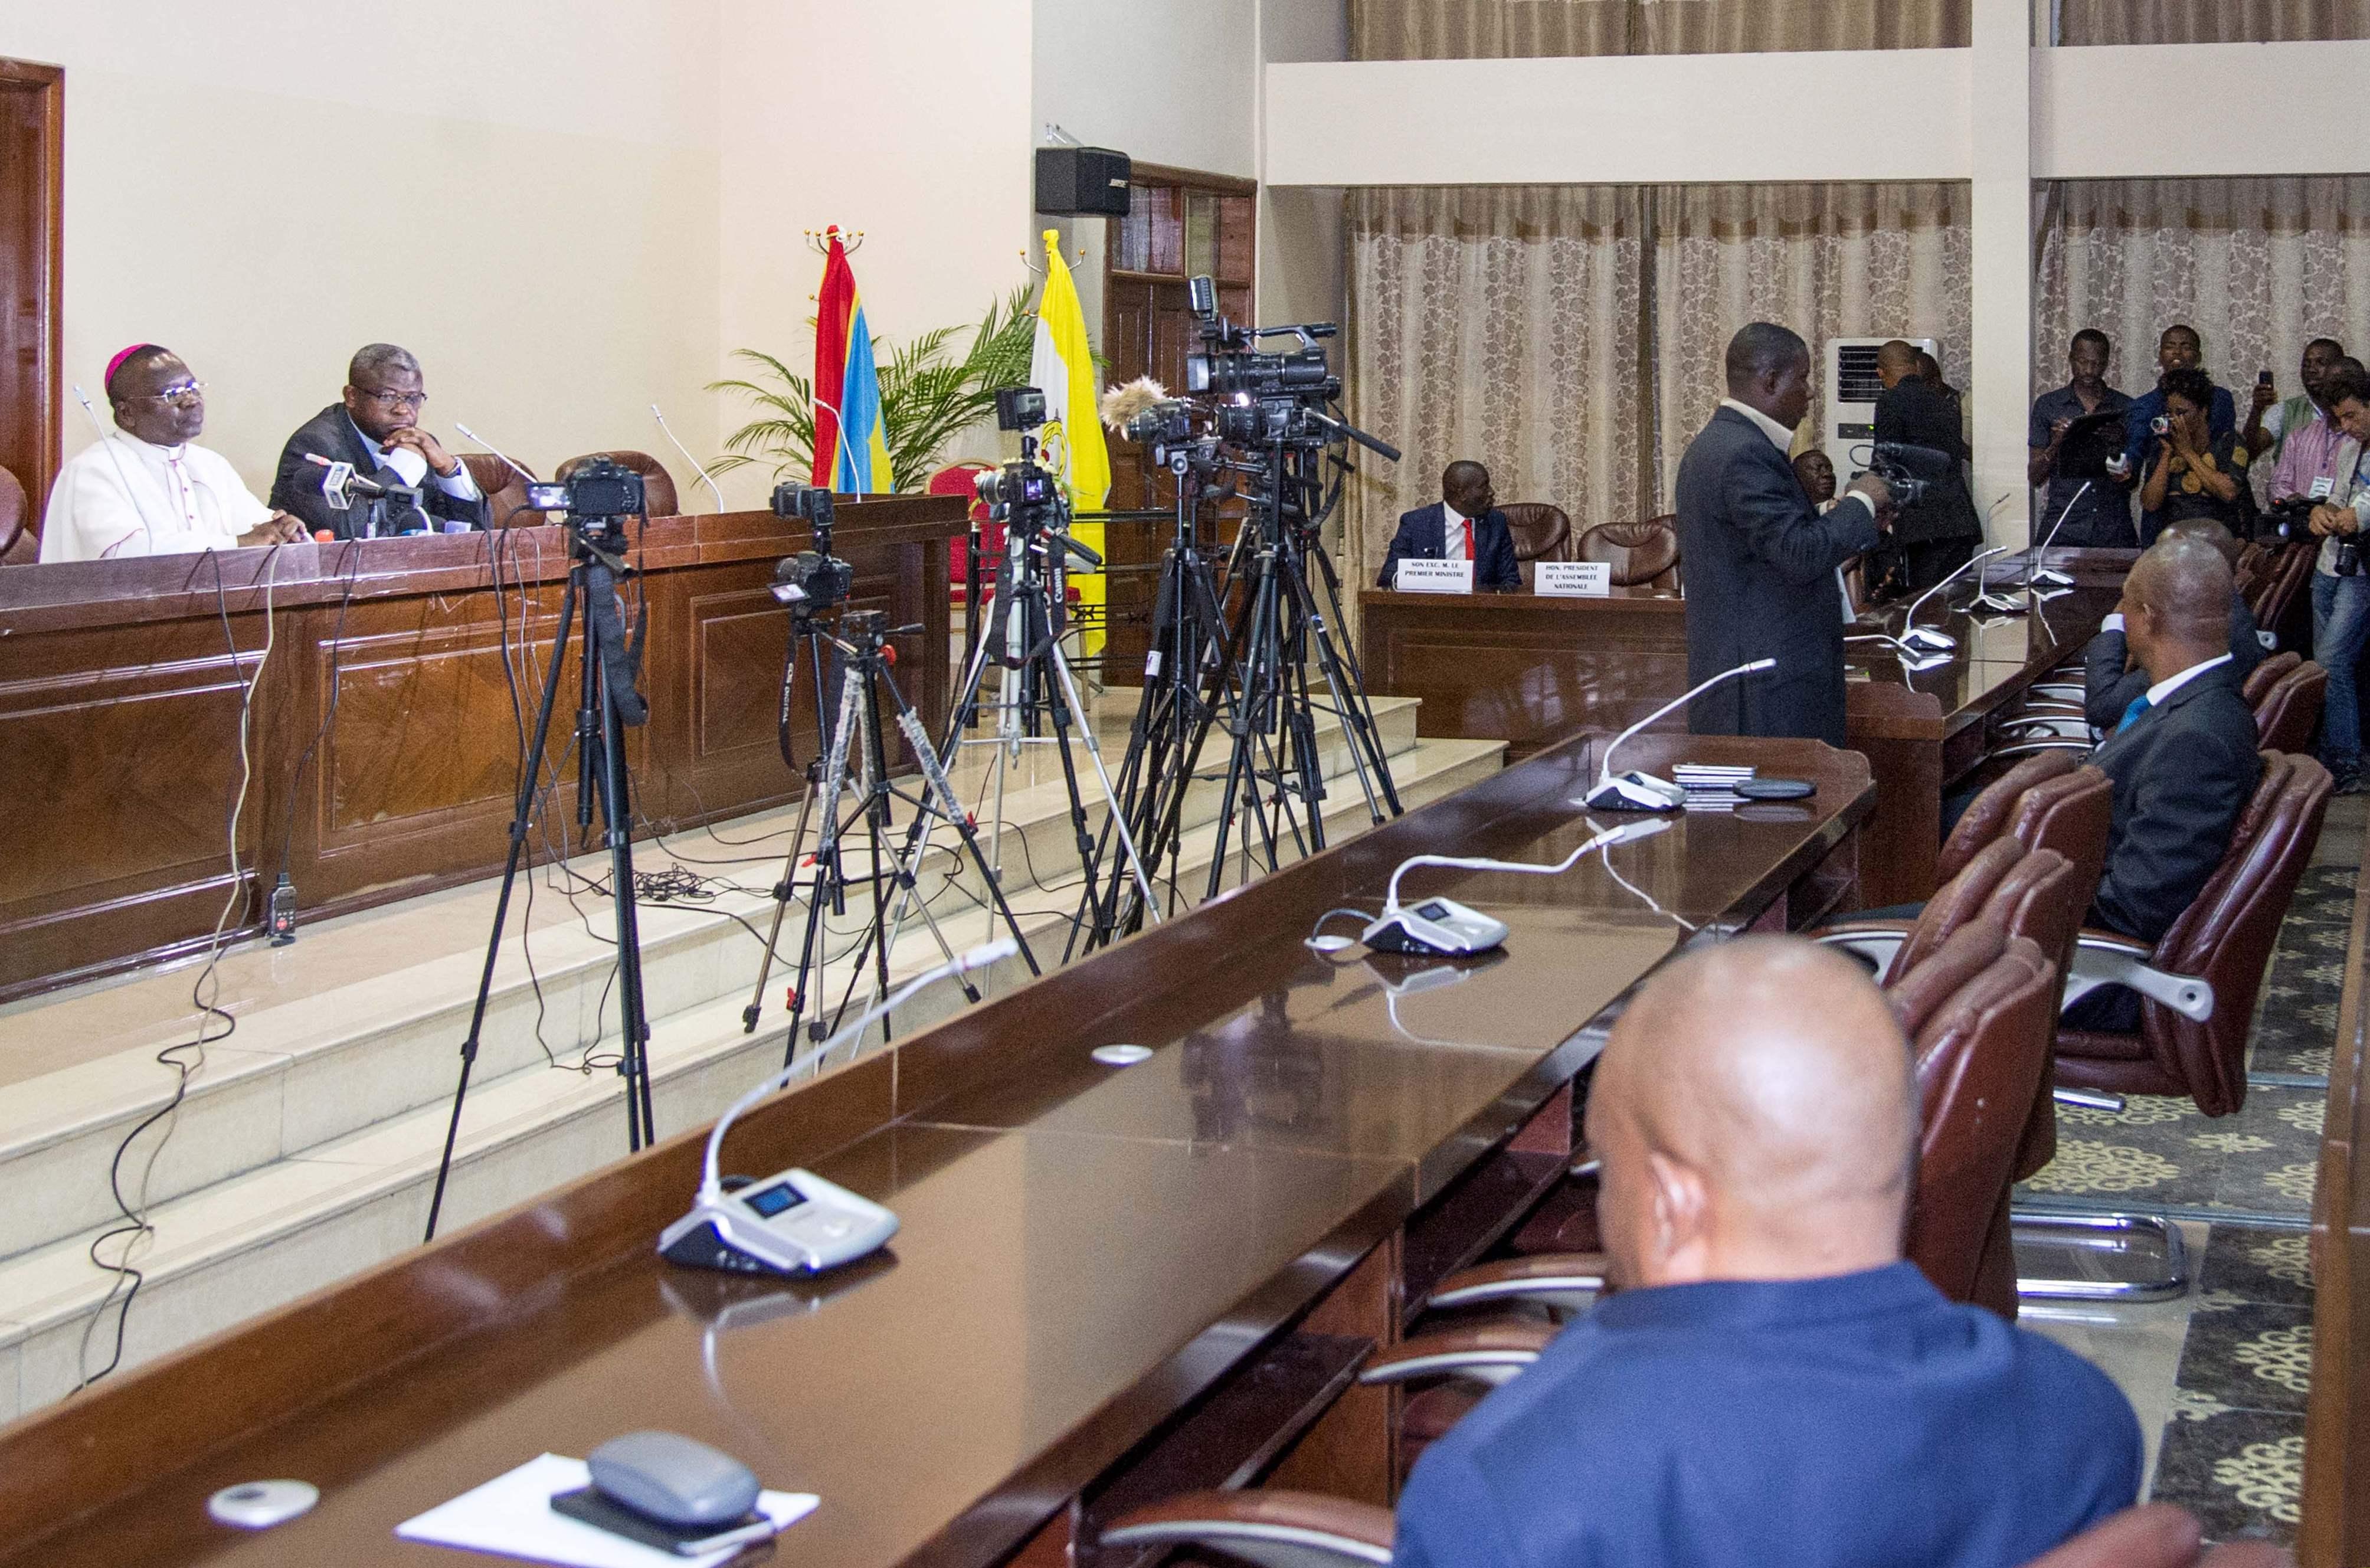 مشاورات فى مقر الاسقفيه الكونغوليه فى كينشاسا لبحث الازمه السياسيه - أ ف ب (2)